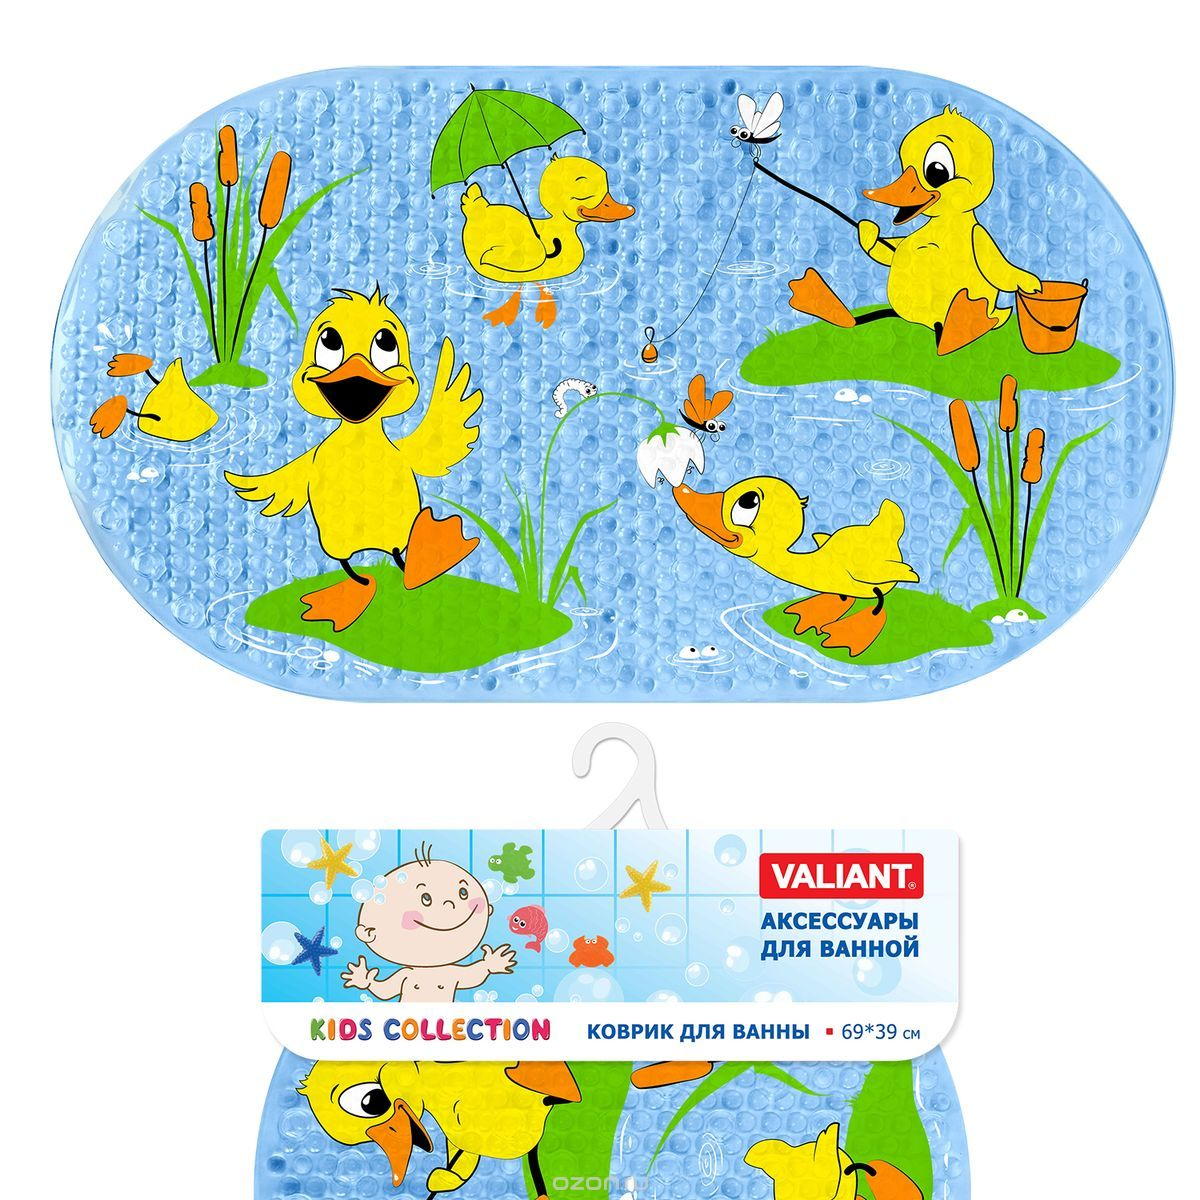 Детский мини-коврик для ванной: резиновые модели на присосках для детей, clippasafe и valiant